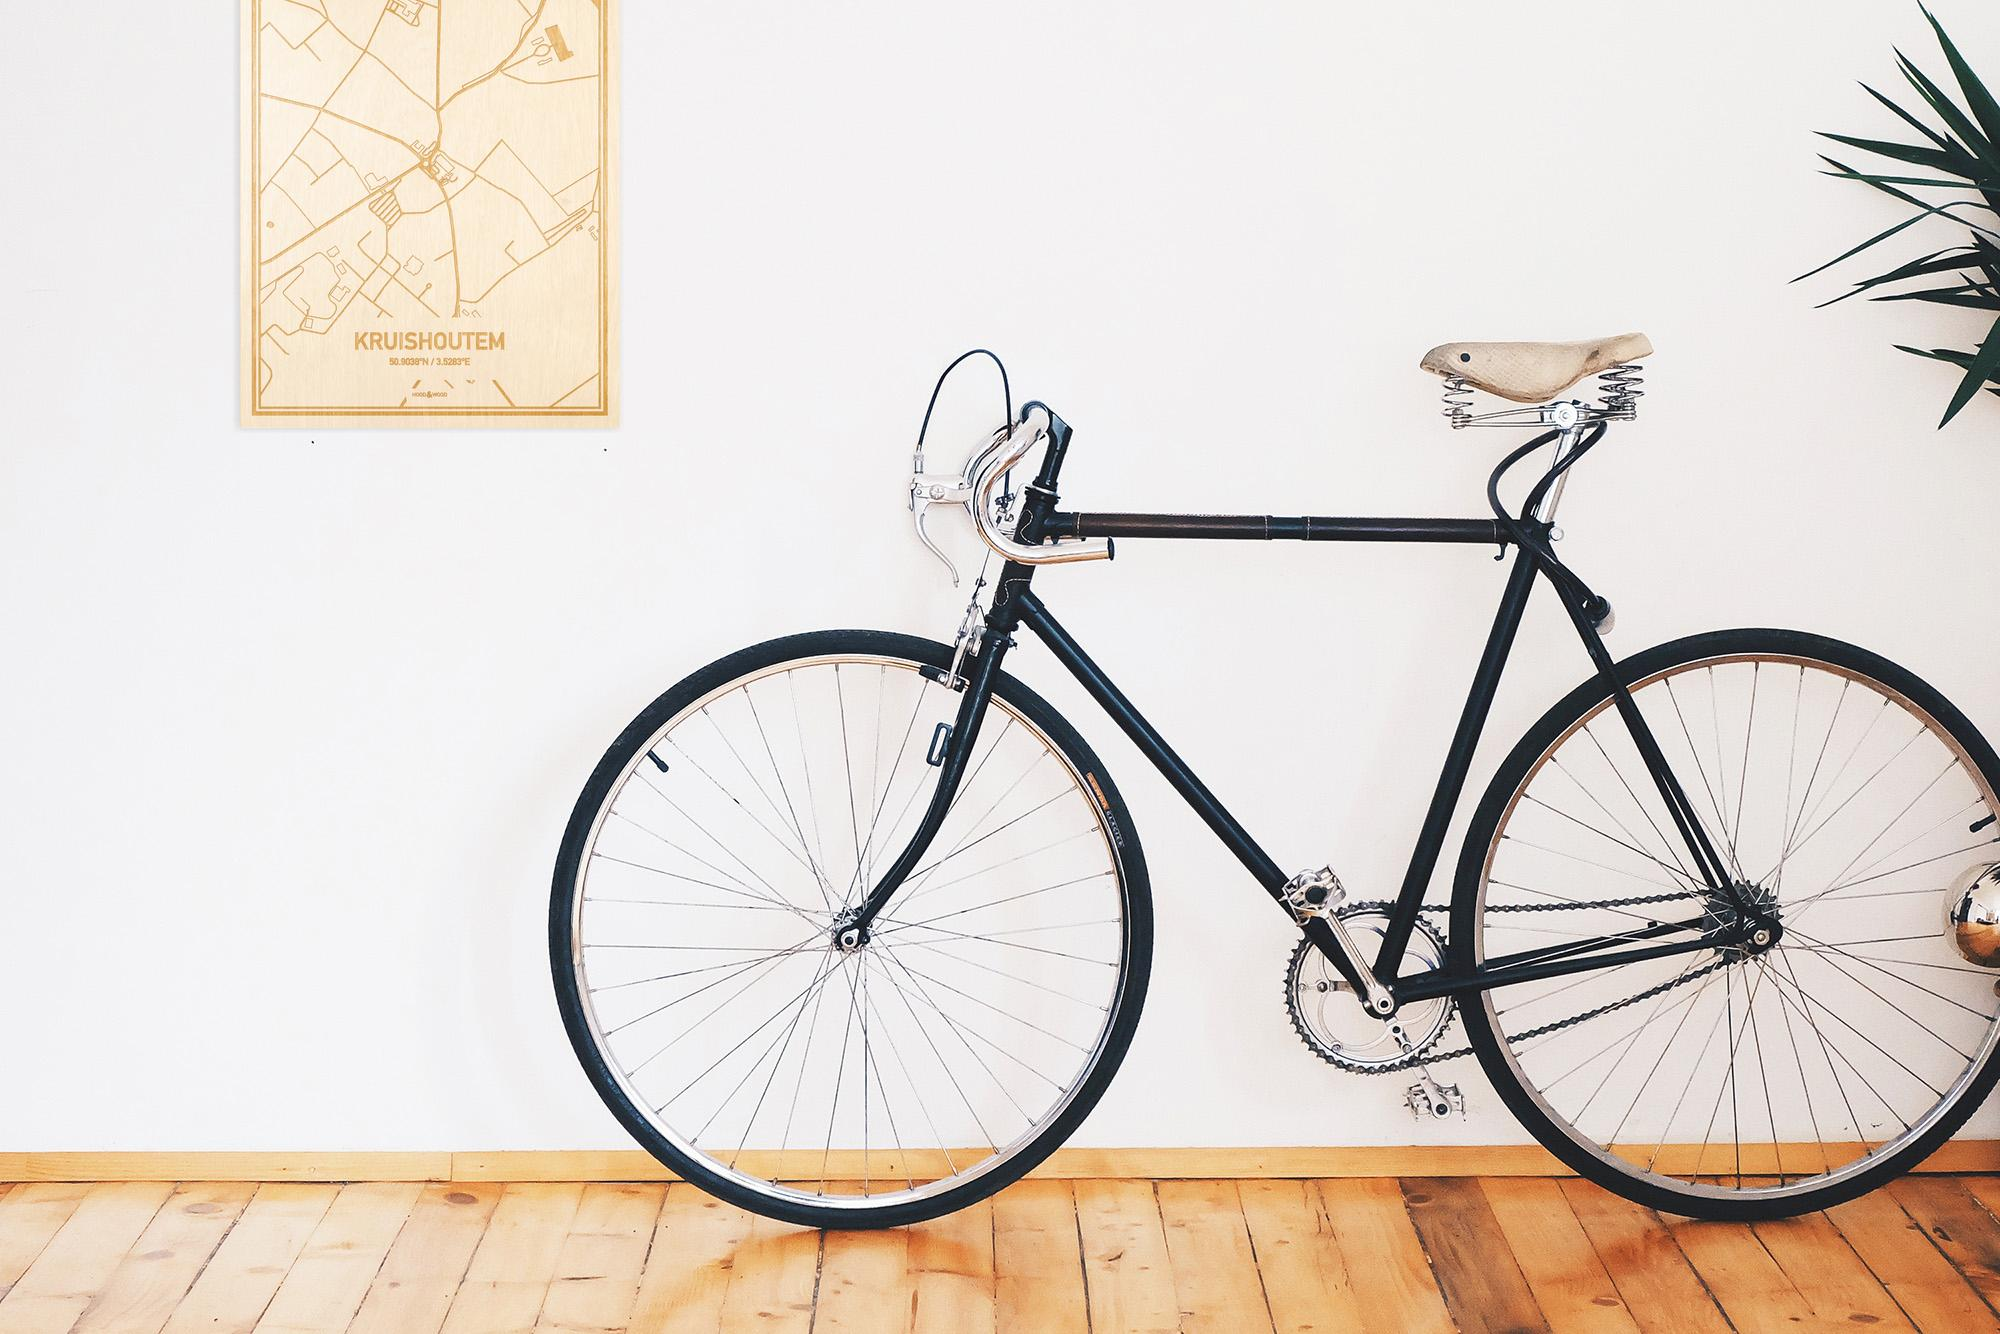 Een snelle fiets in een uniek interieur in Oost-Vlaanderen  met mooie decoratie zoals de plattegrond Kruishoutem.